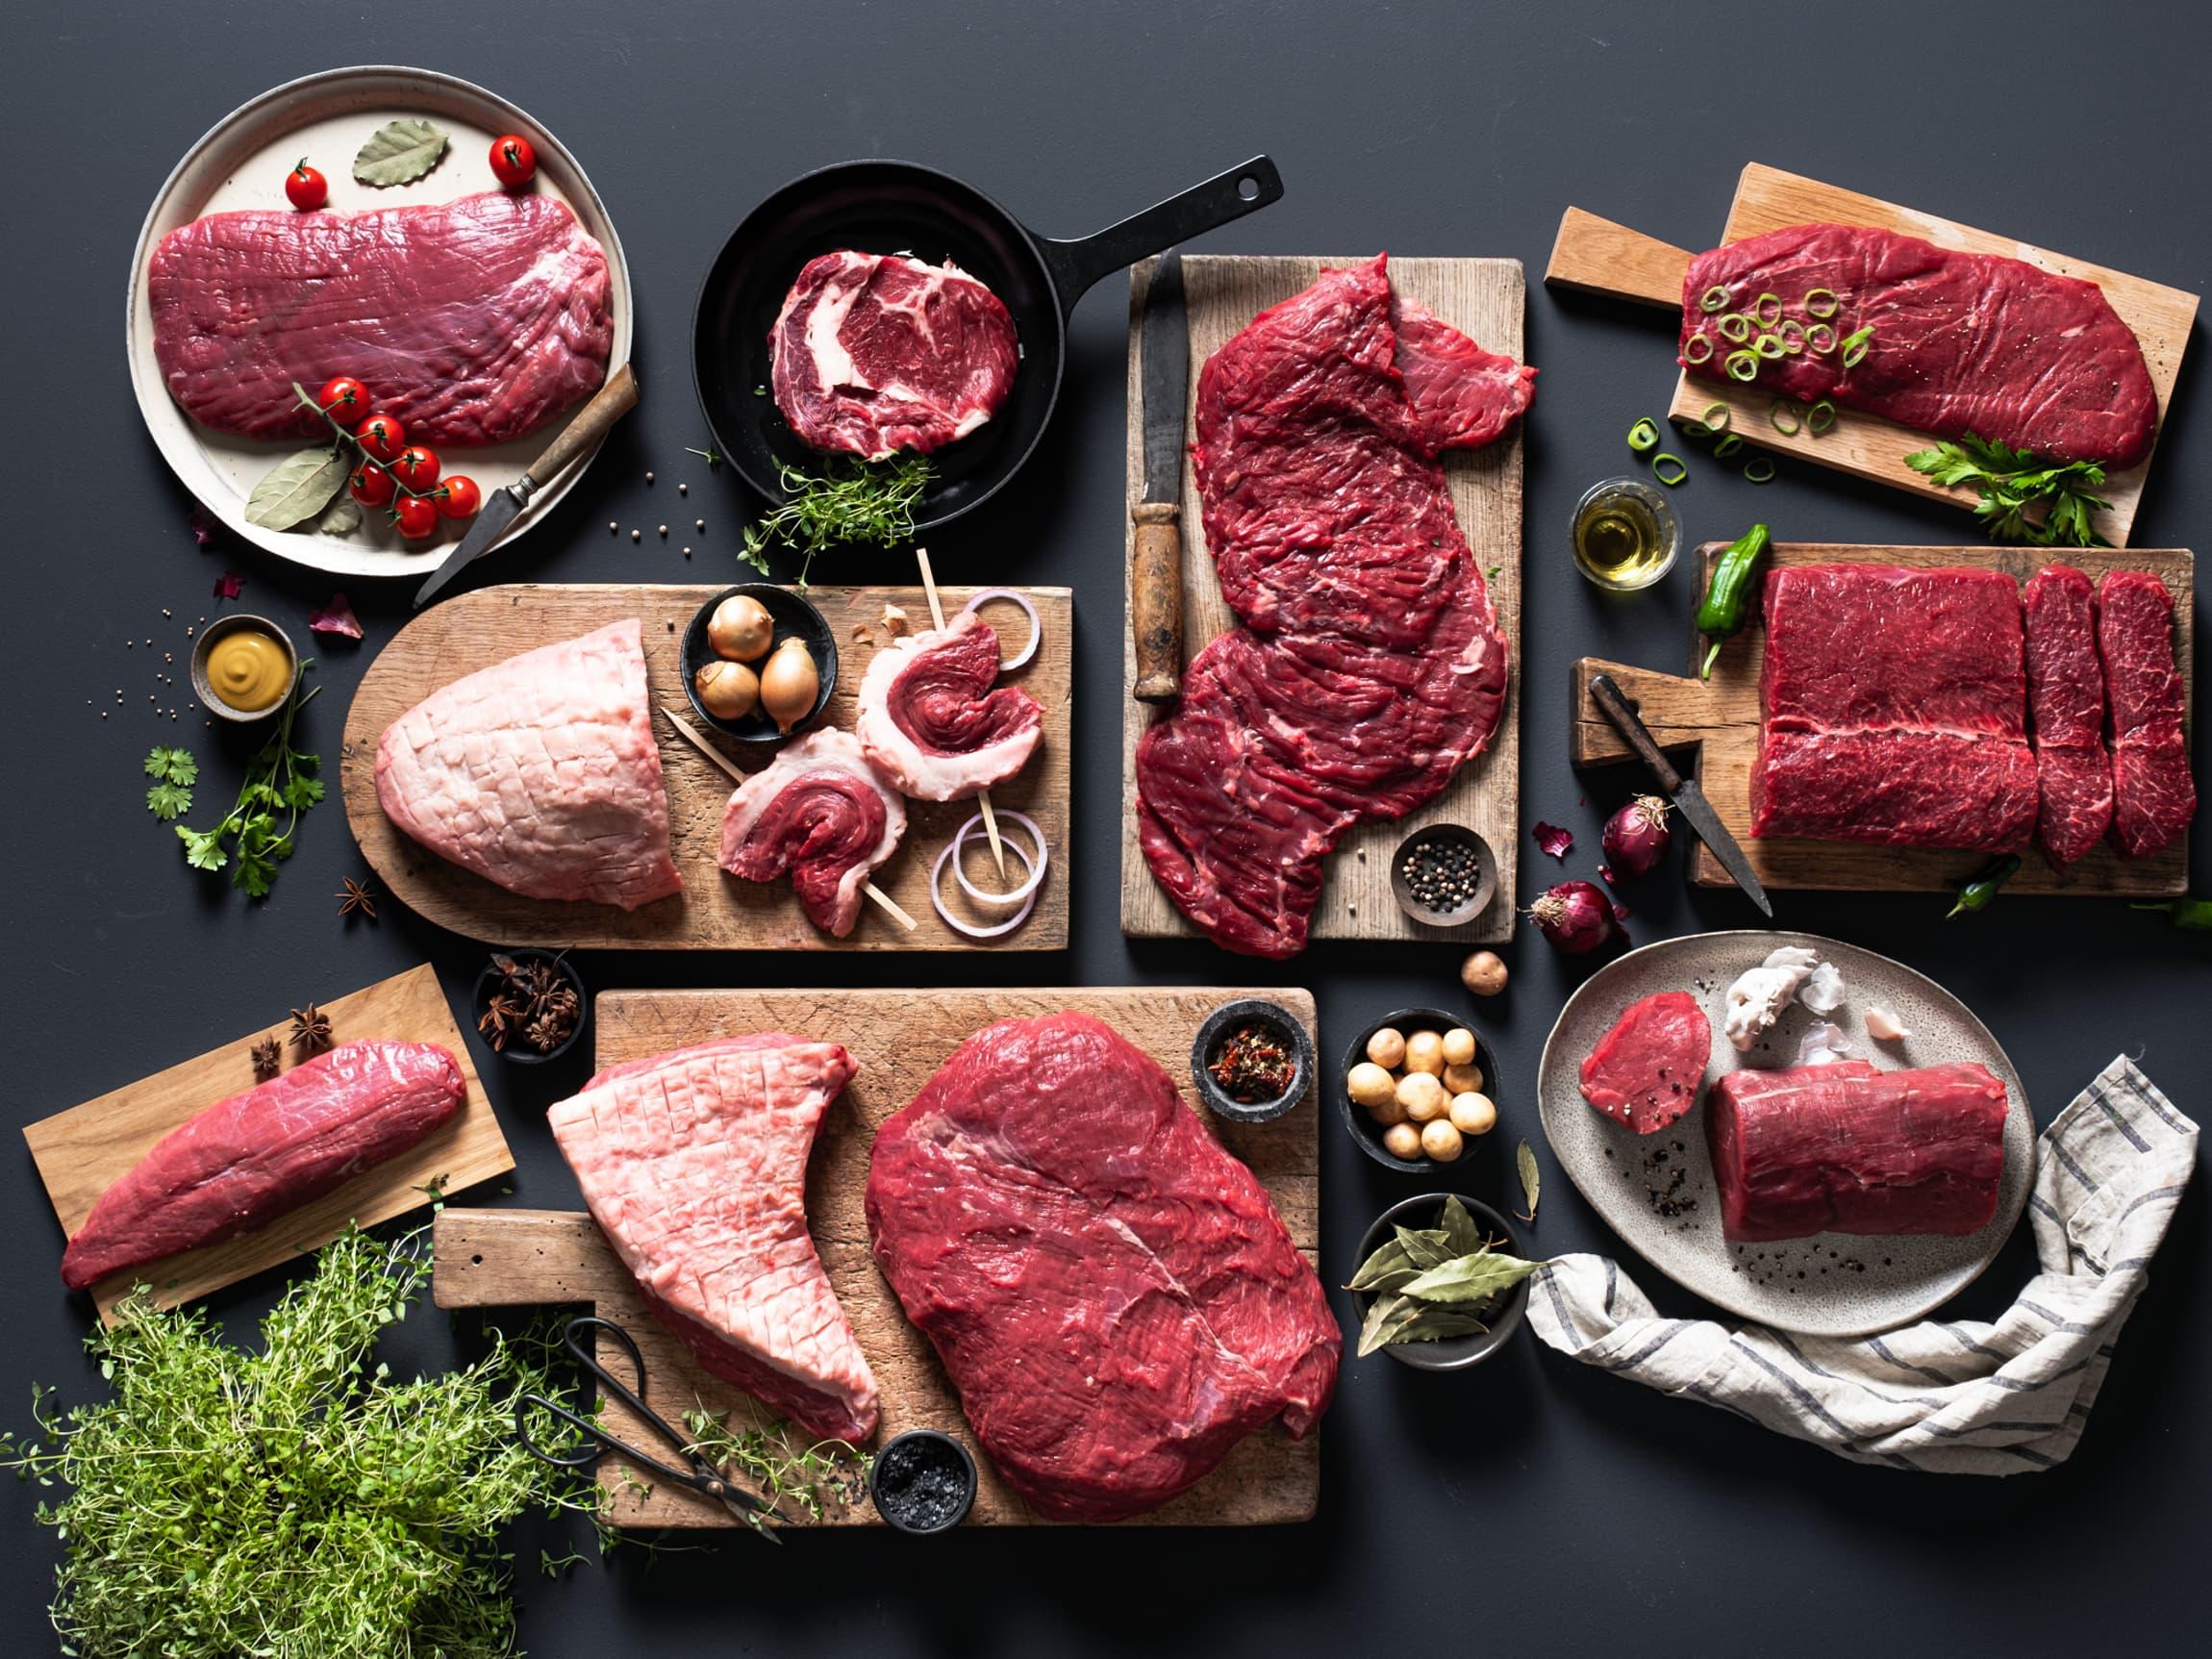 Flat iron, culotte, teres major, tri tip, flank steak og skirt steak er blant Angus-biffene du finner hos MENY